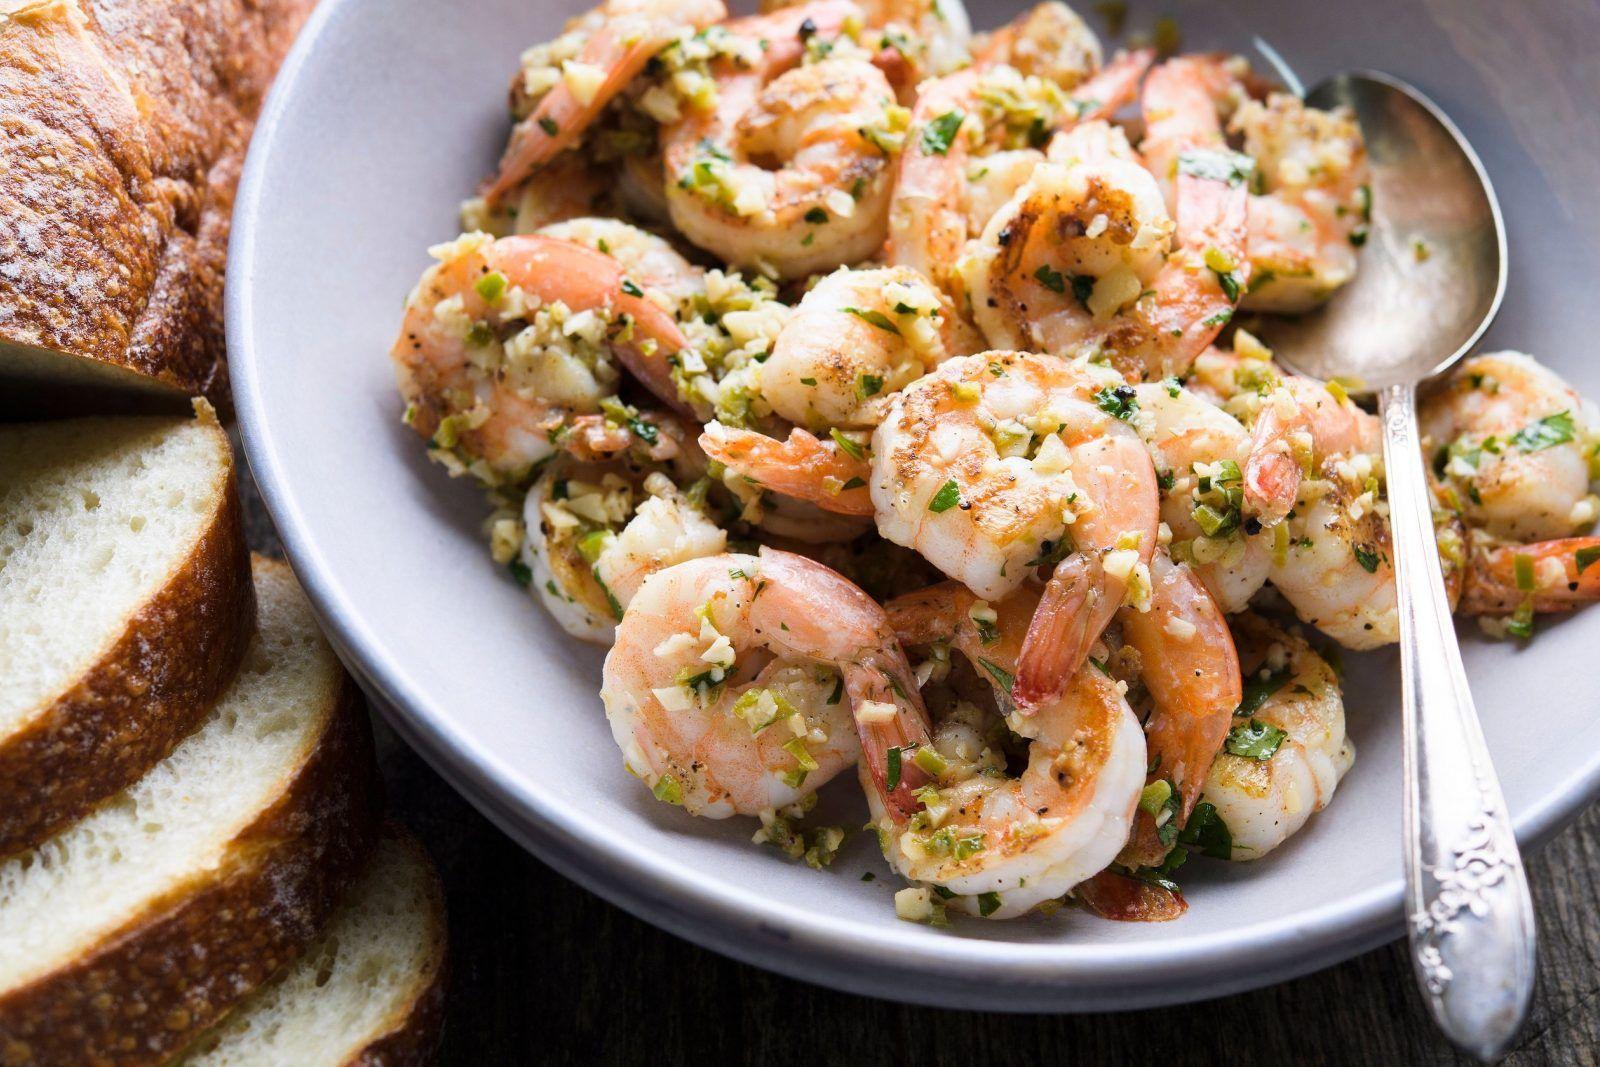 Mexican Shrimp in Garlic Sauce (Camarones al Mojo de Ajo)